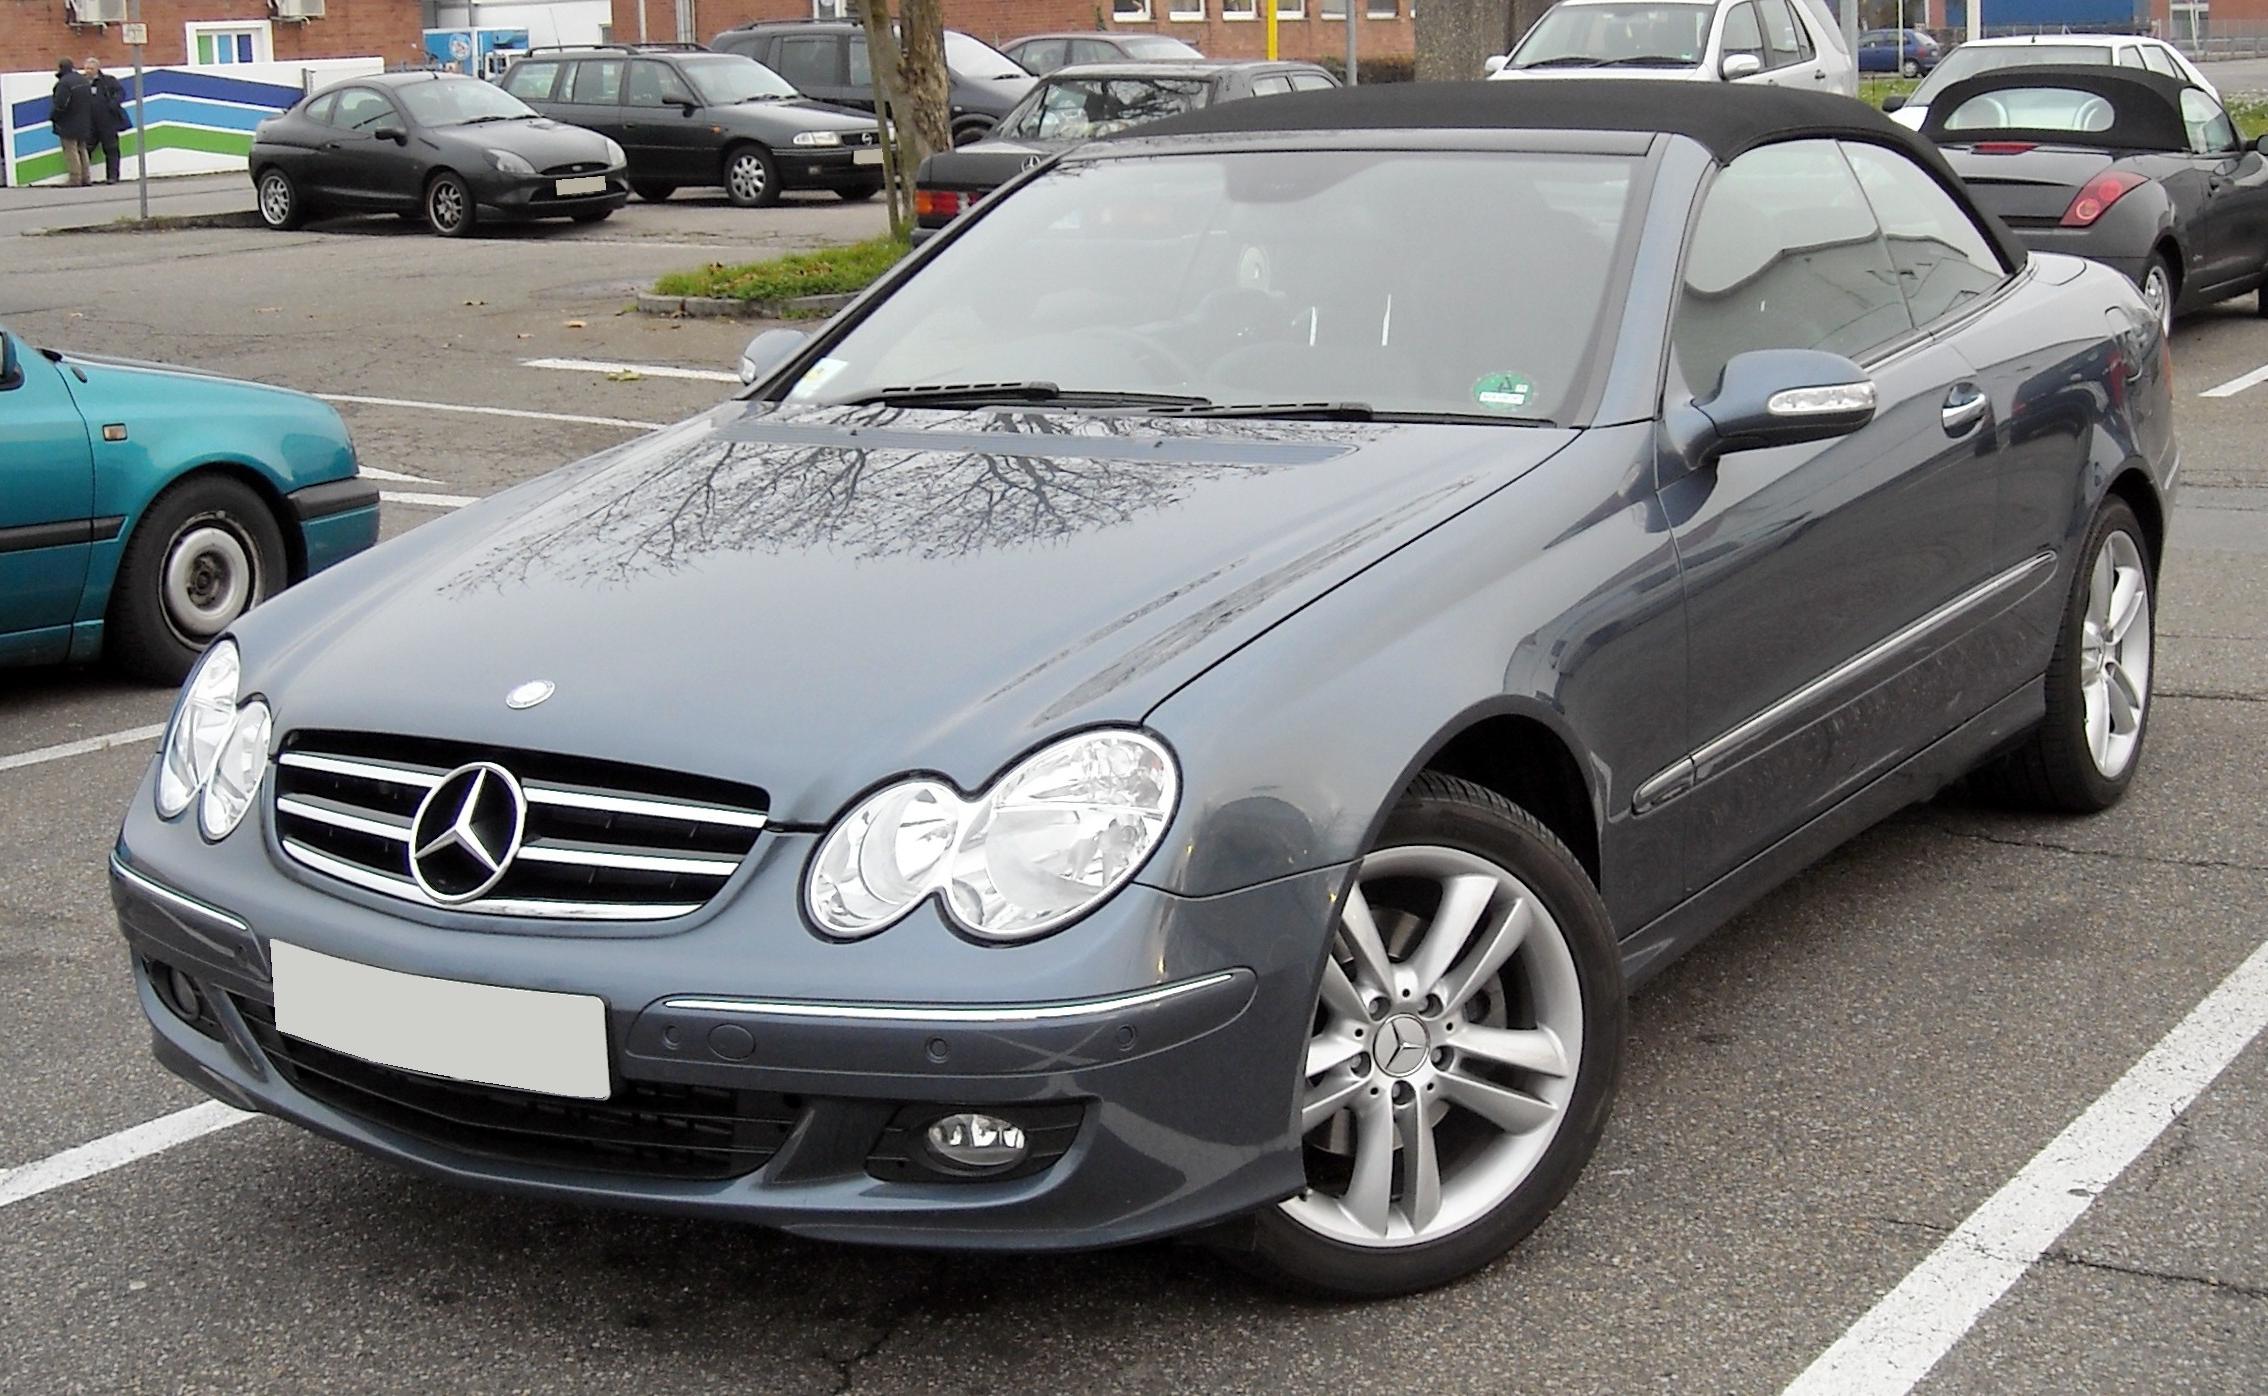 Mercedes Benz W209 — Википедия